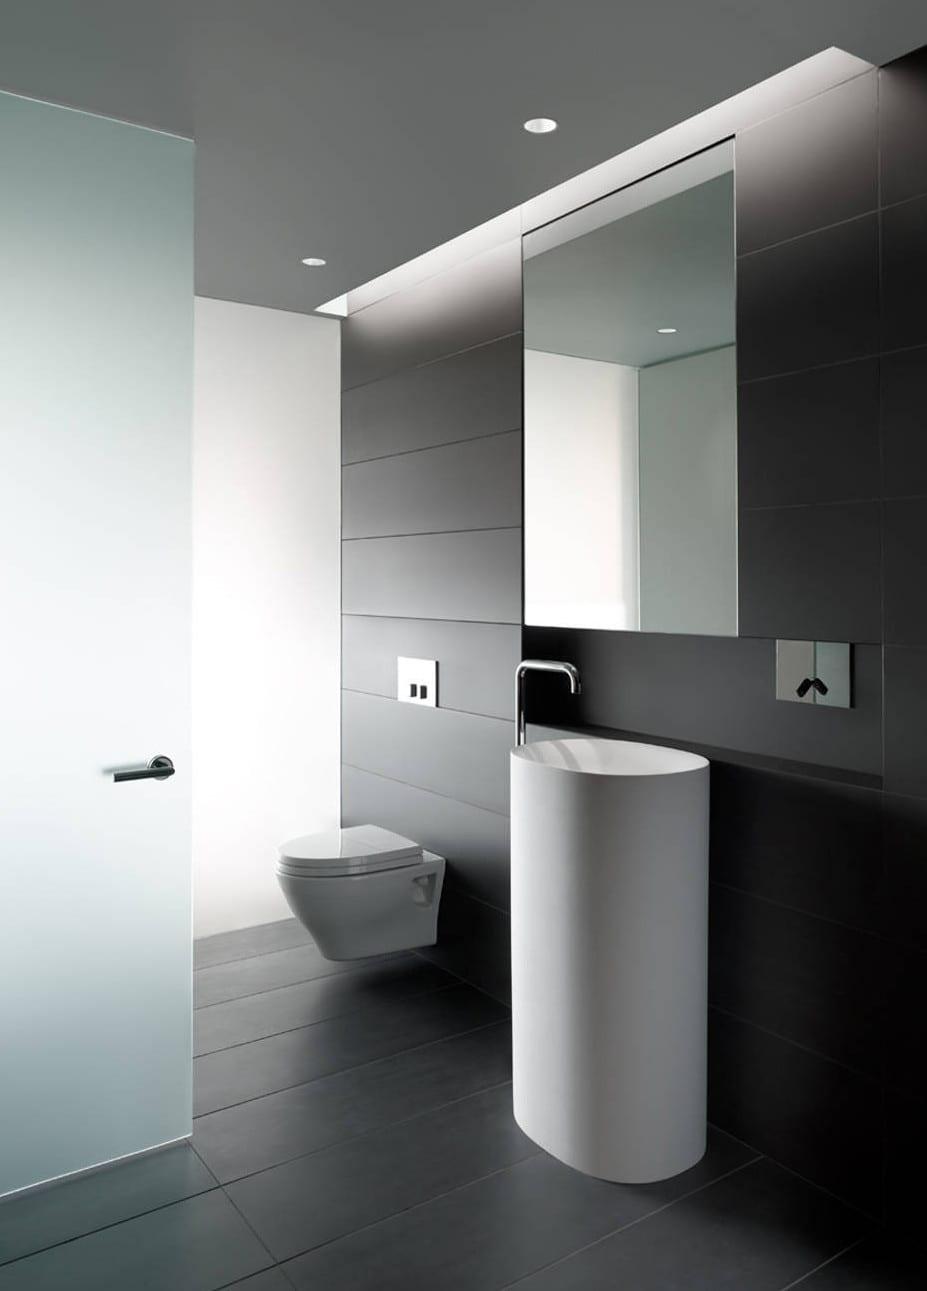 badezimmer design in schwarz mit weißen sanitärmöbeln und indirekter raumbeleuchtung durch opake verglasung